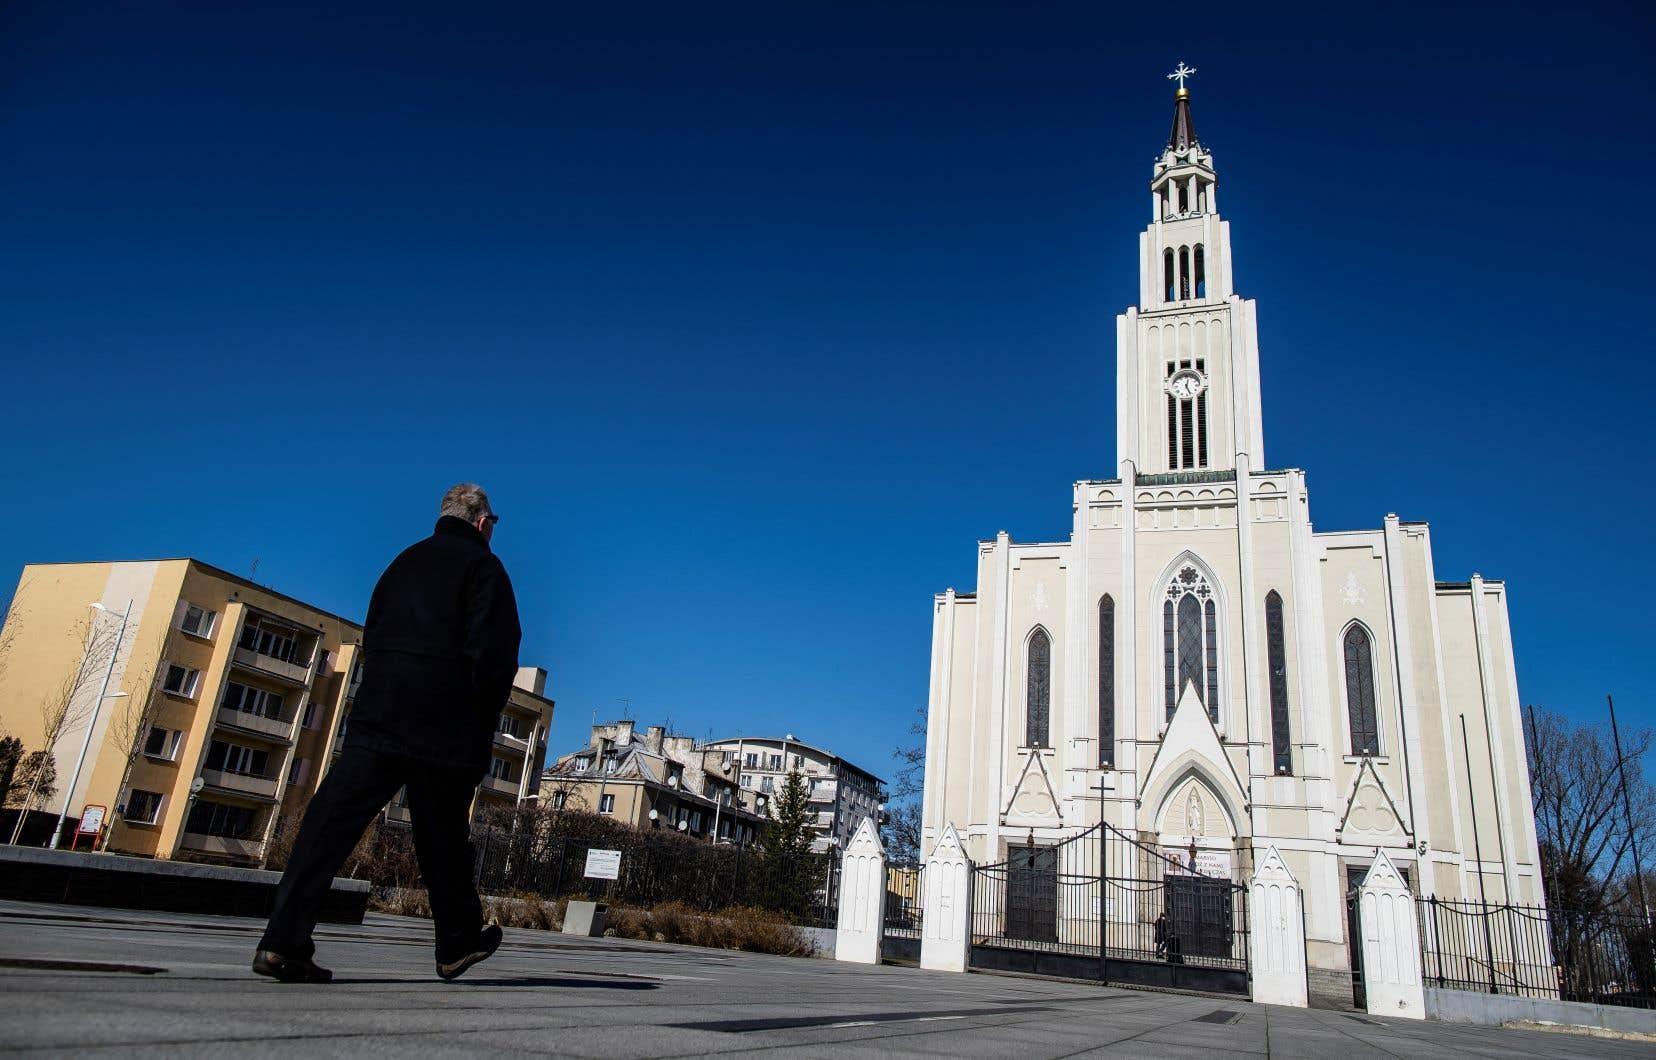 Le chef de l'Église catholique de Pologne, l'archevêque Wojciech Polak, a réitéré ses excuses aux victimes et leur a demandé pardon. Sur la photo, une église de Varsovie.